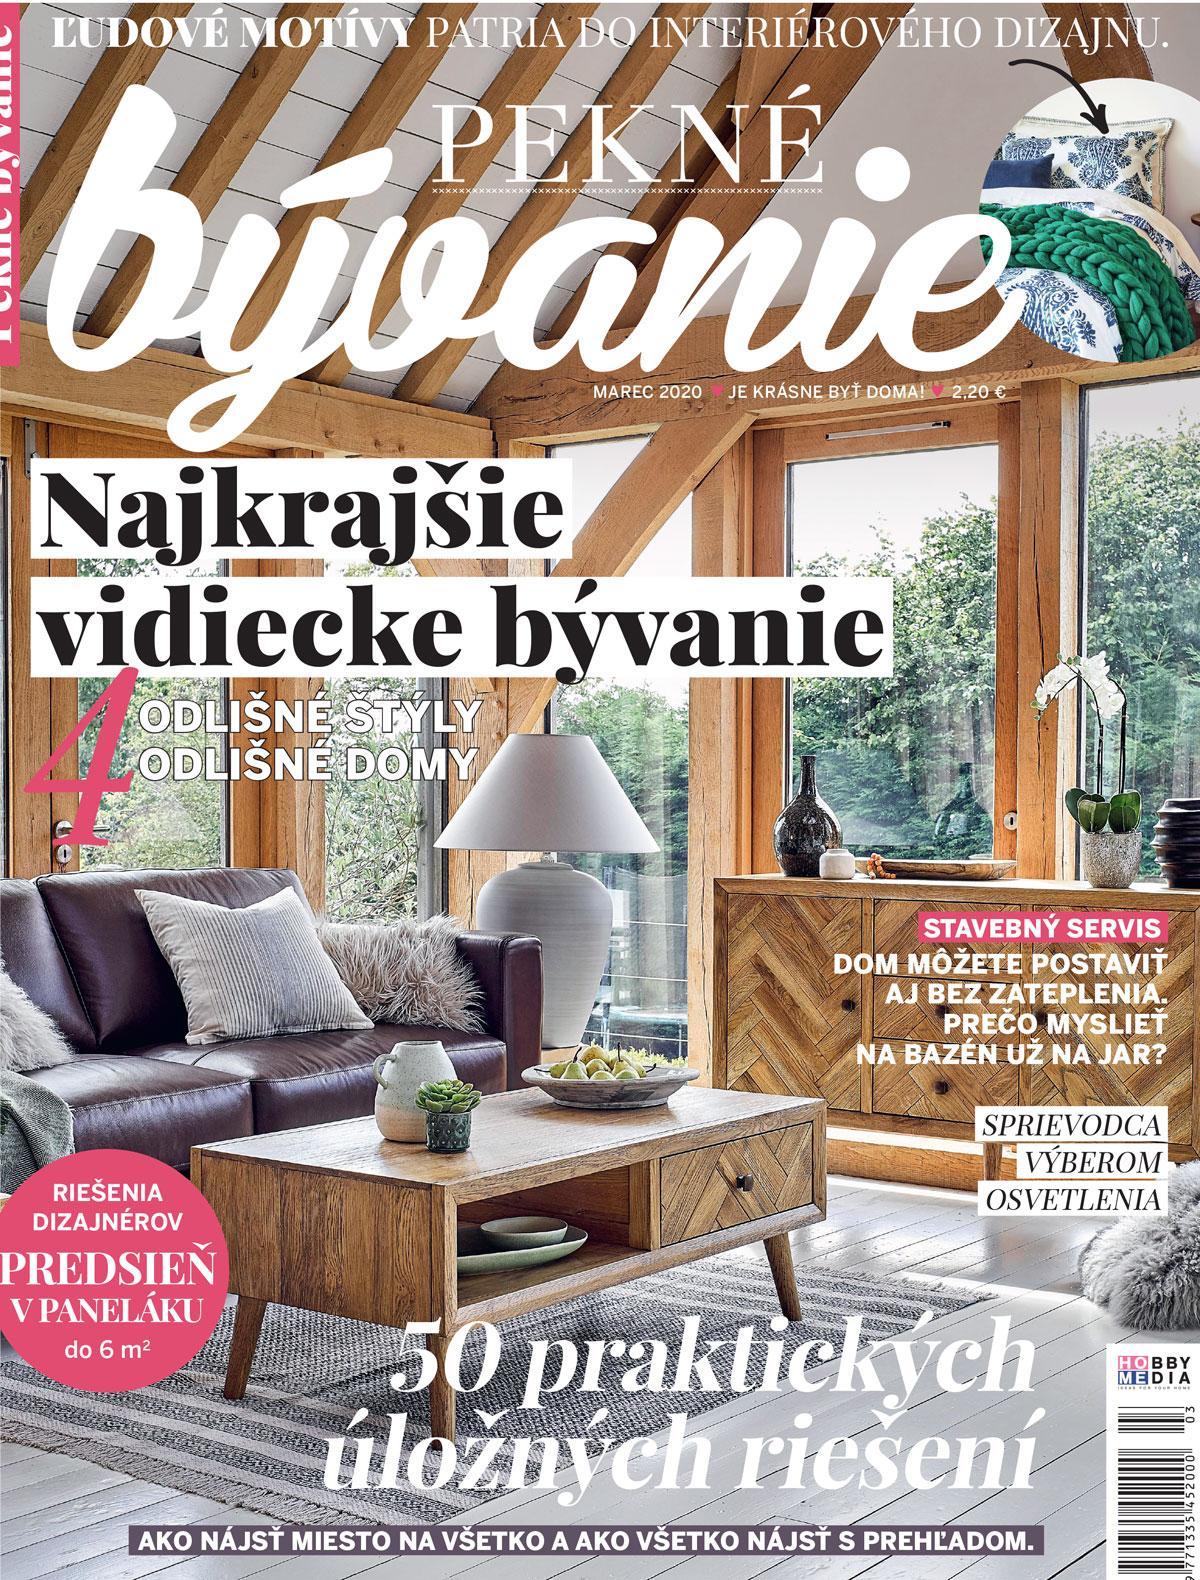 pekne_byvanie - Pekné bývanie marec 2020